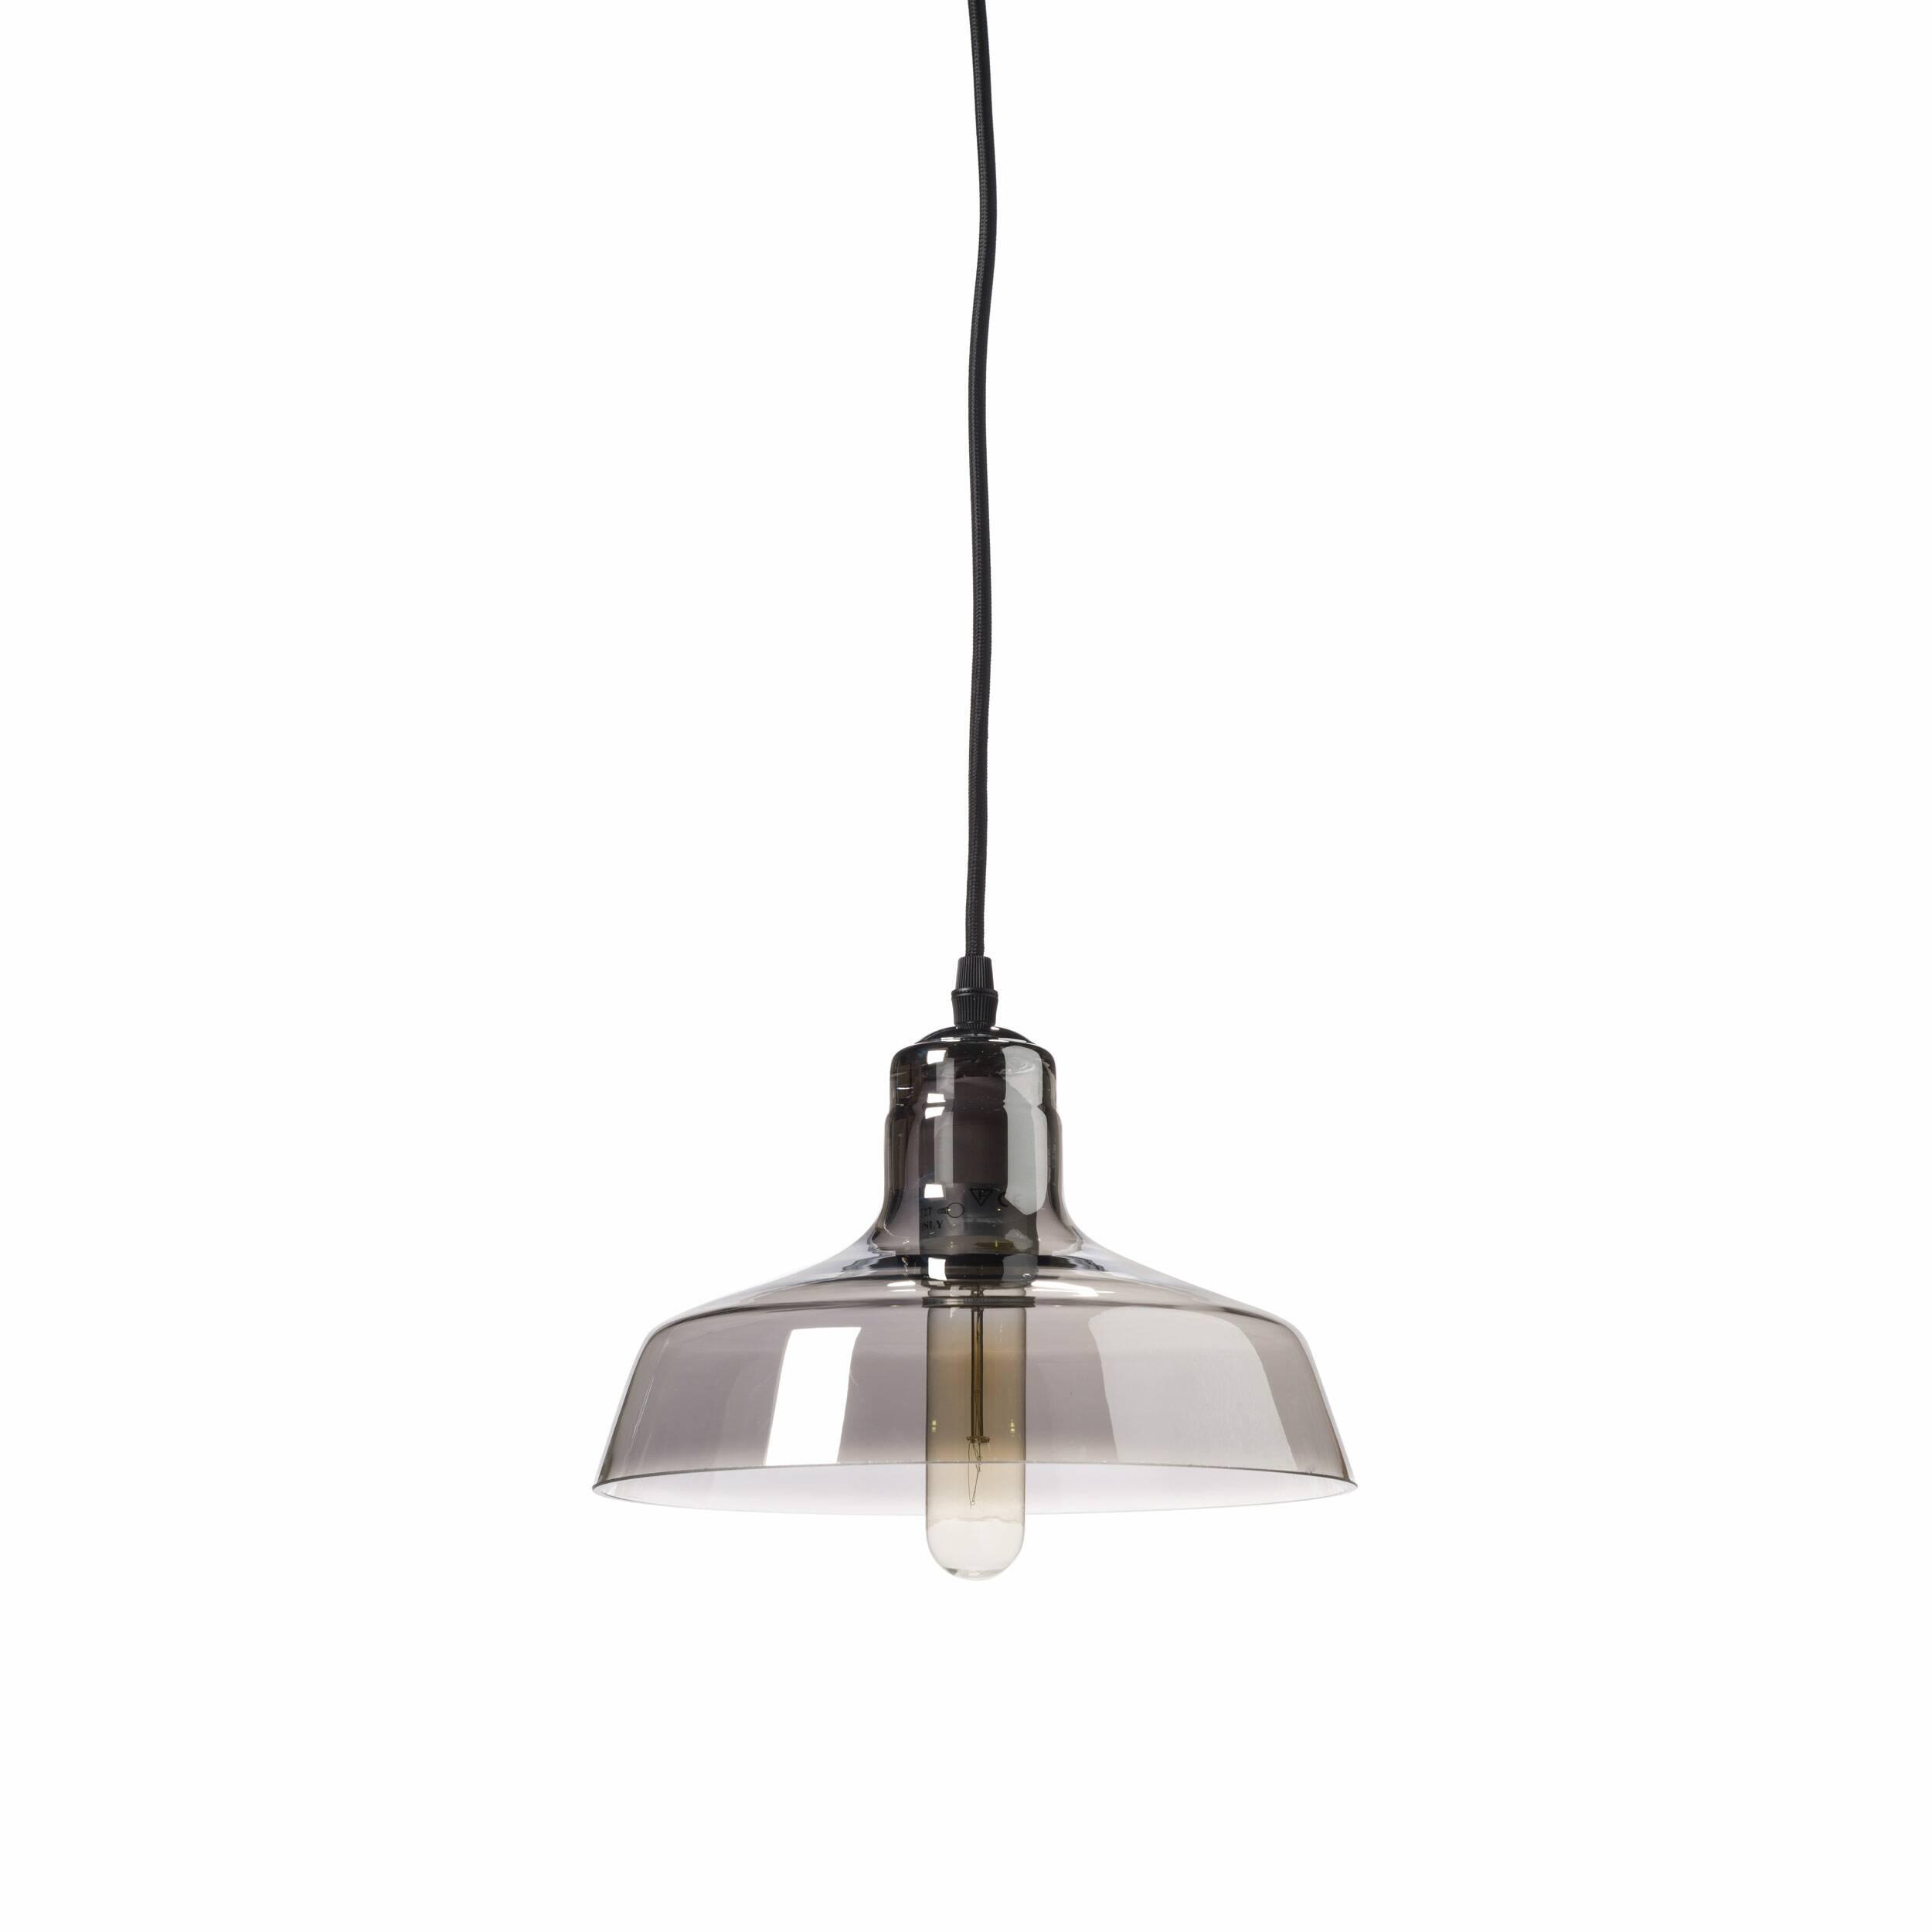 Подвесной светильник BoweryПодвесные<br>Оформление комнат в нестандартном стиле под названием лофт дает безграничный полет для фантазии и обычно требует немалого пространства для реализации дизайнерских идей. Подвесной светильник Bowery прекрасно подходит для достижения ощущения свободы в любом помещении.<br><br><br> Полупрозрачный и невероятно легкий на вид, данный светильник в стиле лофт идеально впишется в окружающую обстановку. Основа светильника изготовлена из стали черного цвета, а у полупрозрачного стеклянного плафона имеются...<br><br>stock: 0<br>Высота: 17<br>Длина: 24<br>Длина провода: 150<br>Количество ламп: 1<br>Материал абажура: Стекло<br>Материал арматуры: Сталь<br>Мощность лампы: 40<br>Ламп в комплекте: Нет<br>Напряжение: 220<br>Тип лампы/цоколь: E27<br>Цвет абажура: Дымчато-серый<br>Цвет арматуры: Черный<br>Цвет провода: Черный